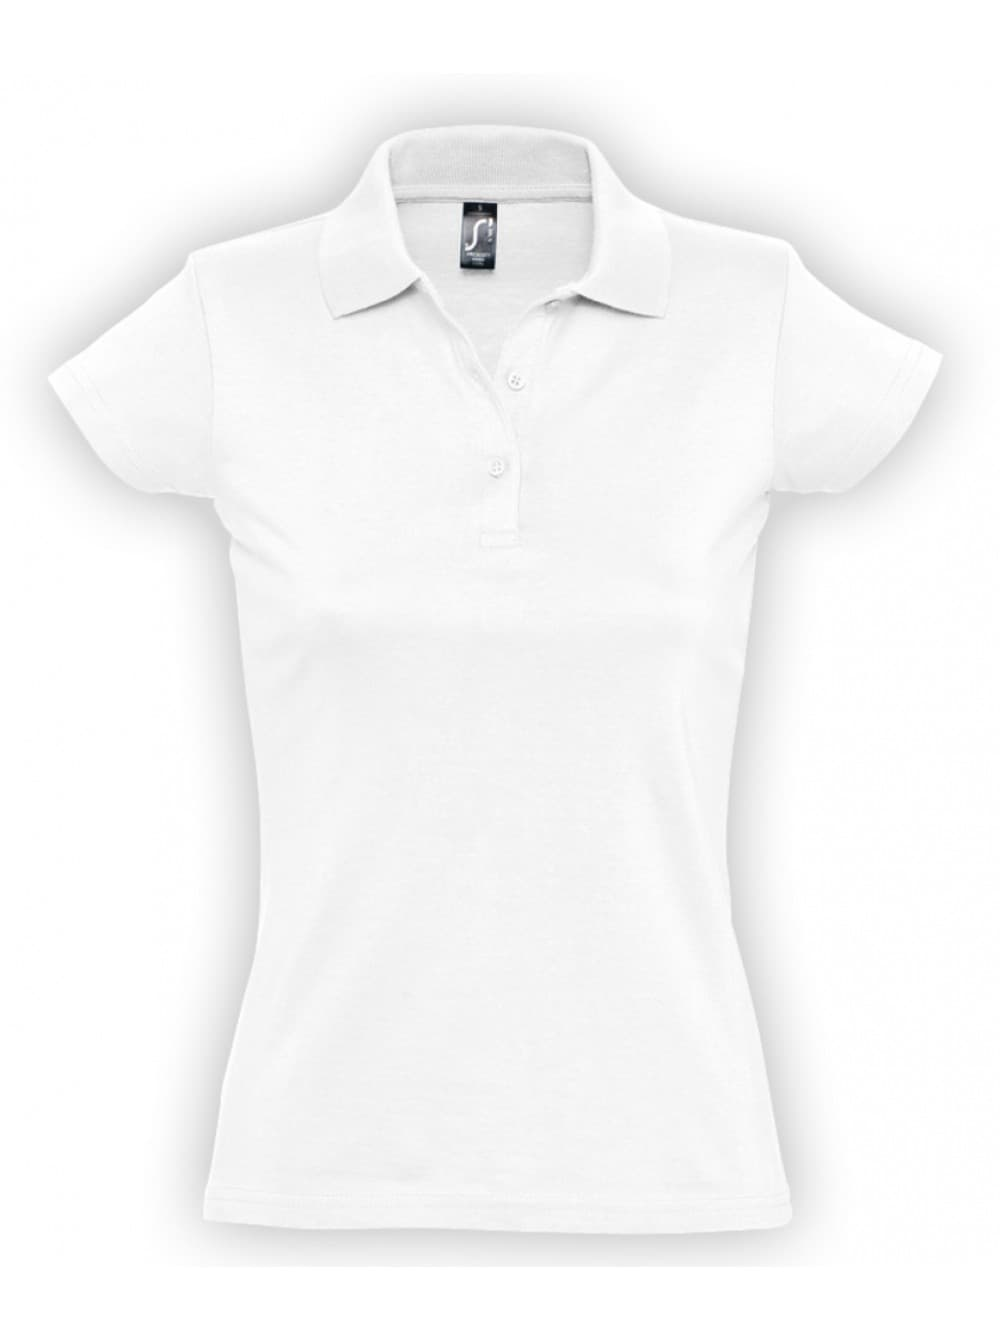 b0843bbf2799 Рубашка поло женская Prescott Women 170, белая